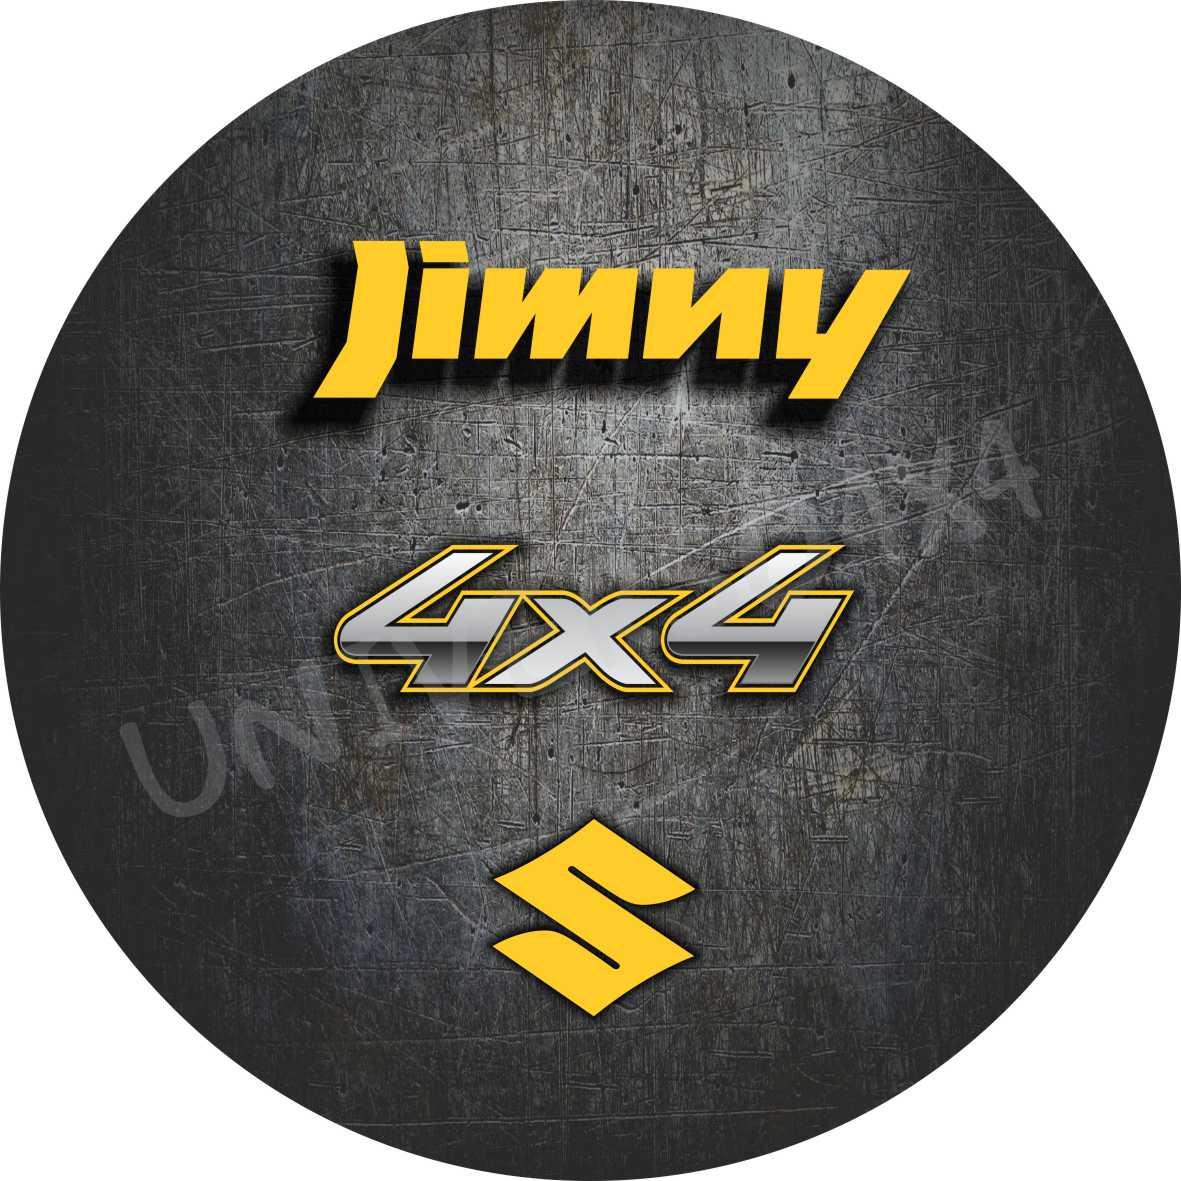 Capa Estepe Jimny Amarelo M-240618